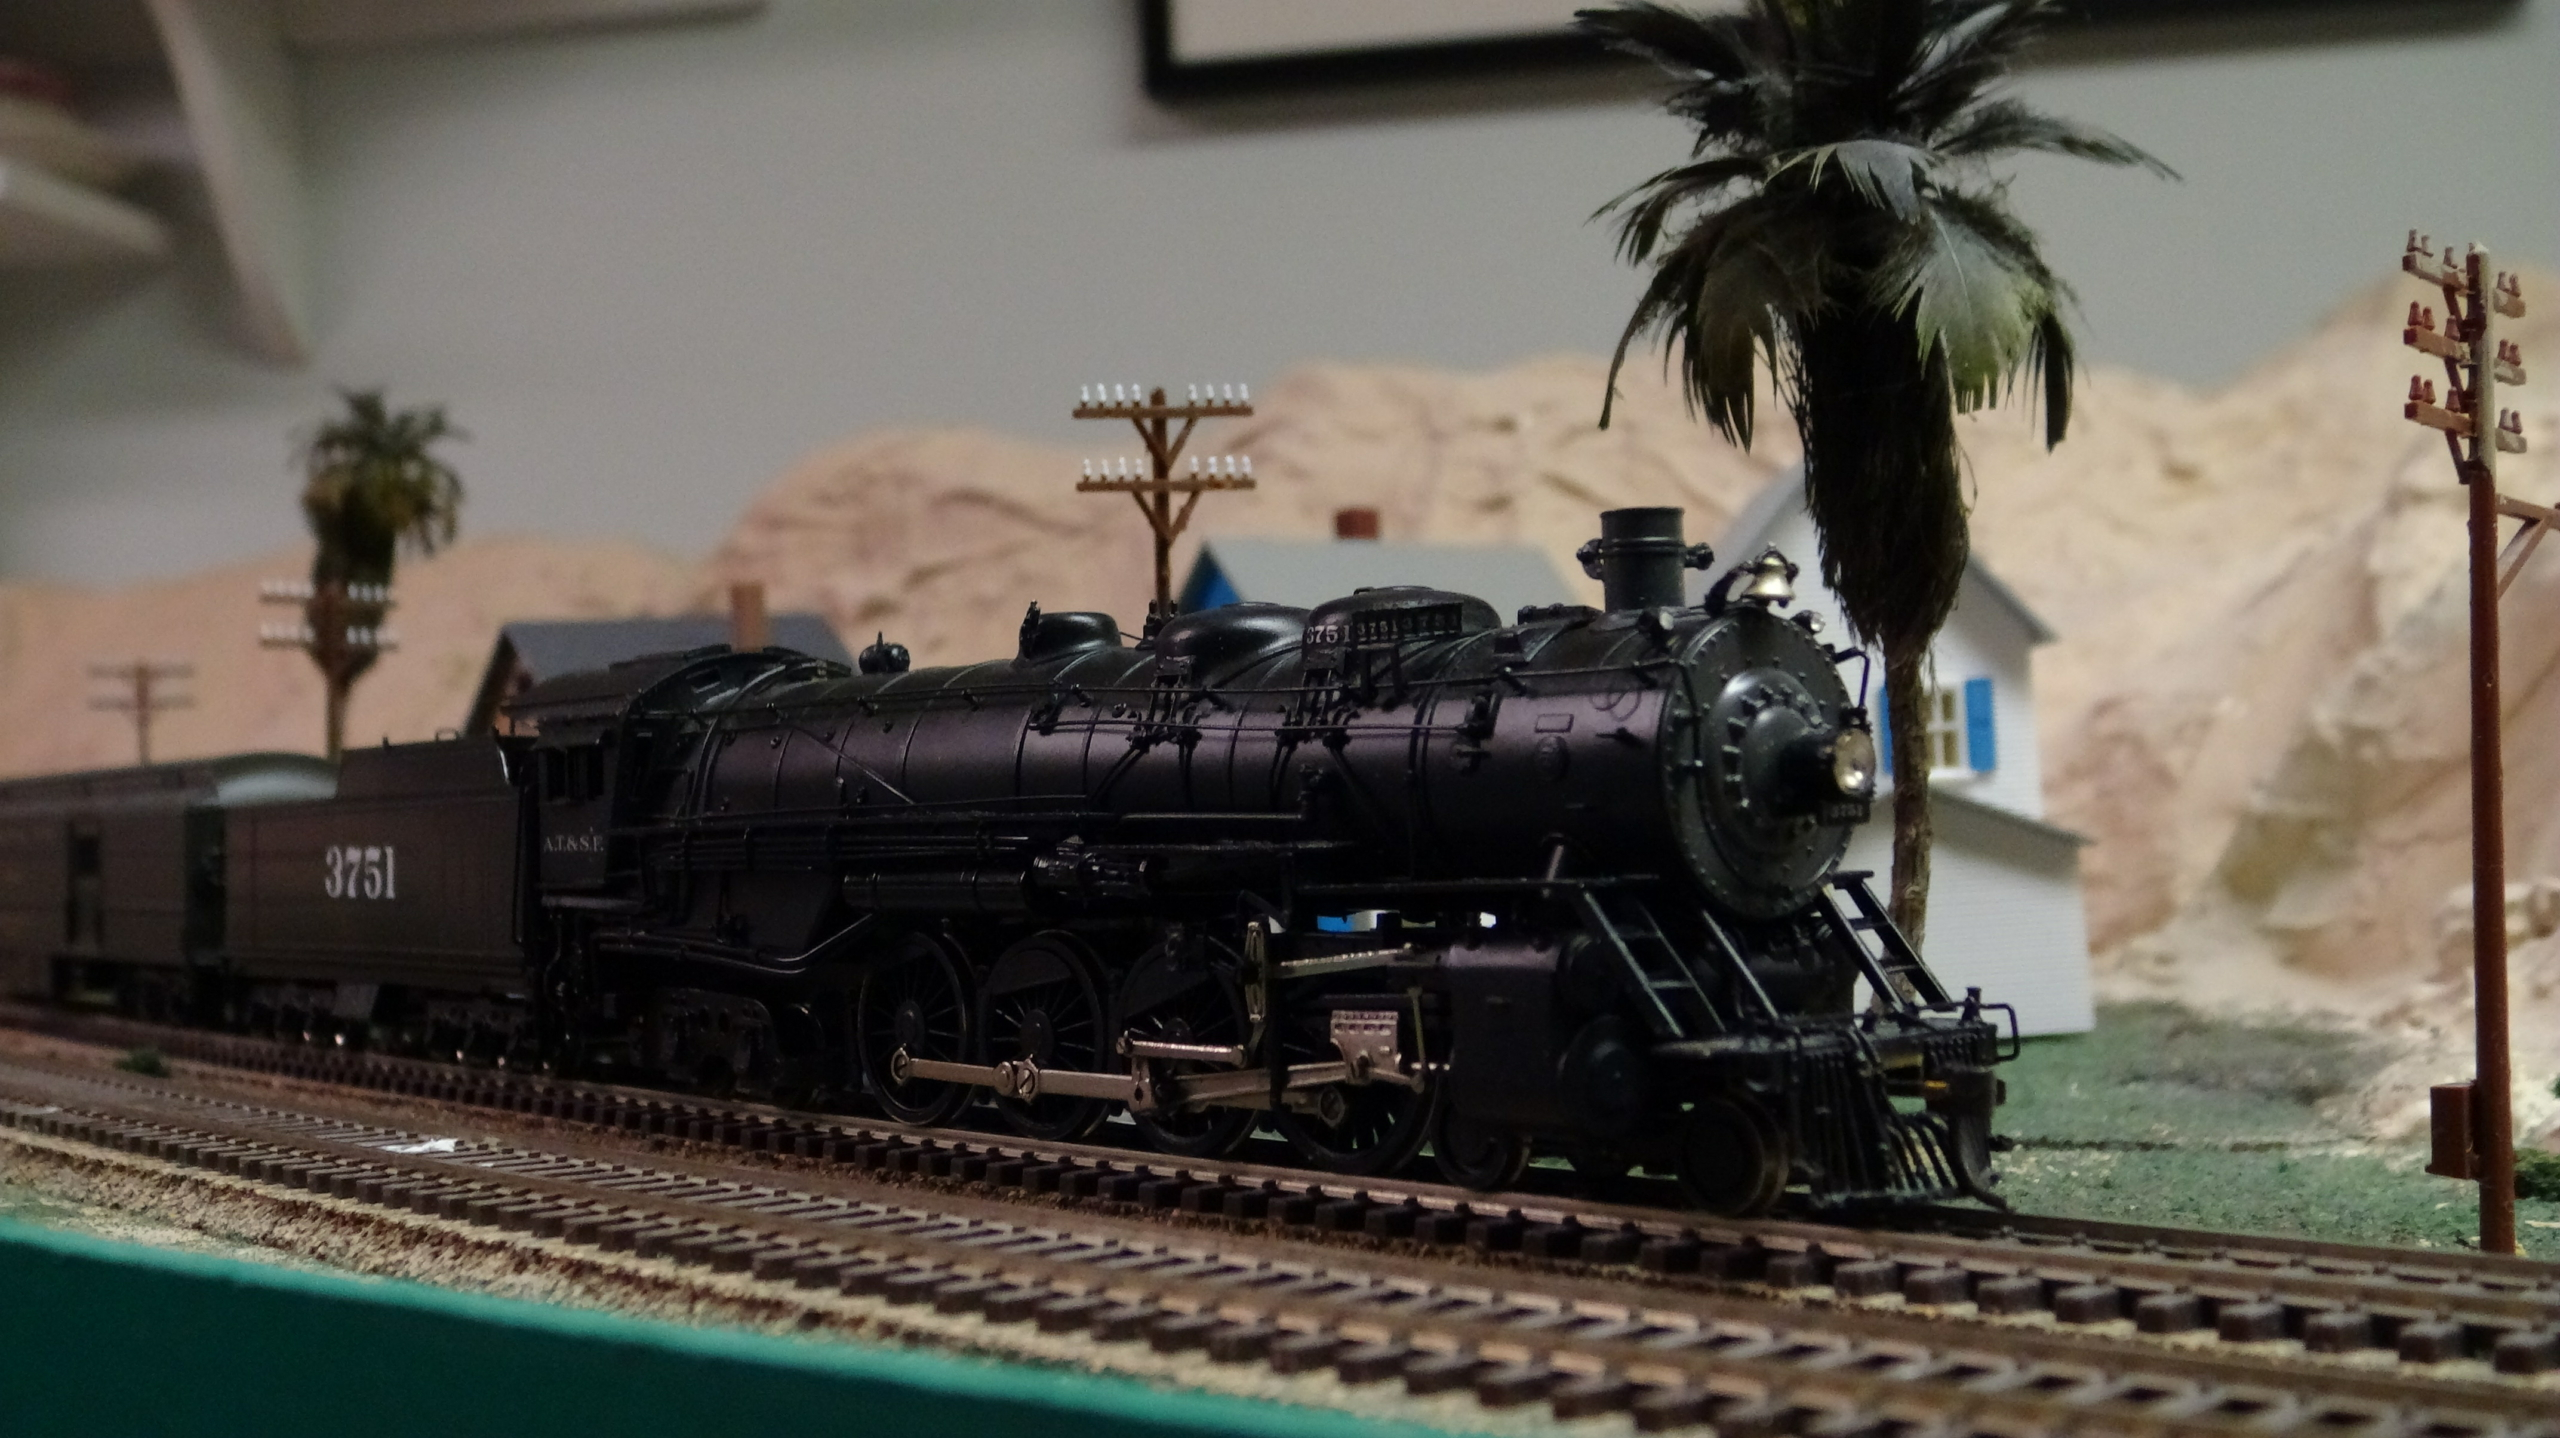 ATSF Heavy Mountain #3751 (model)